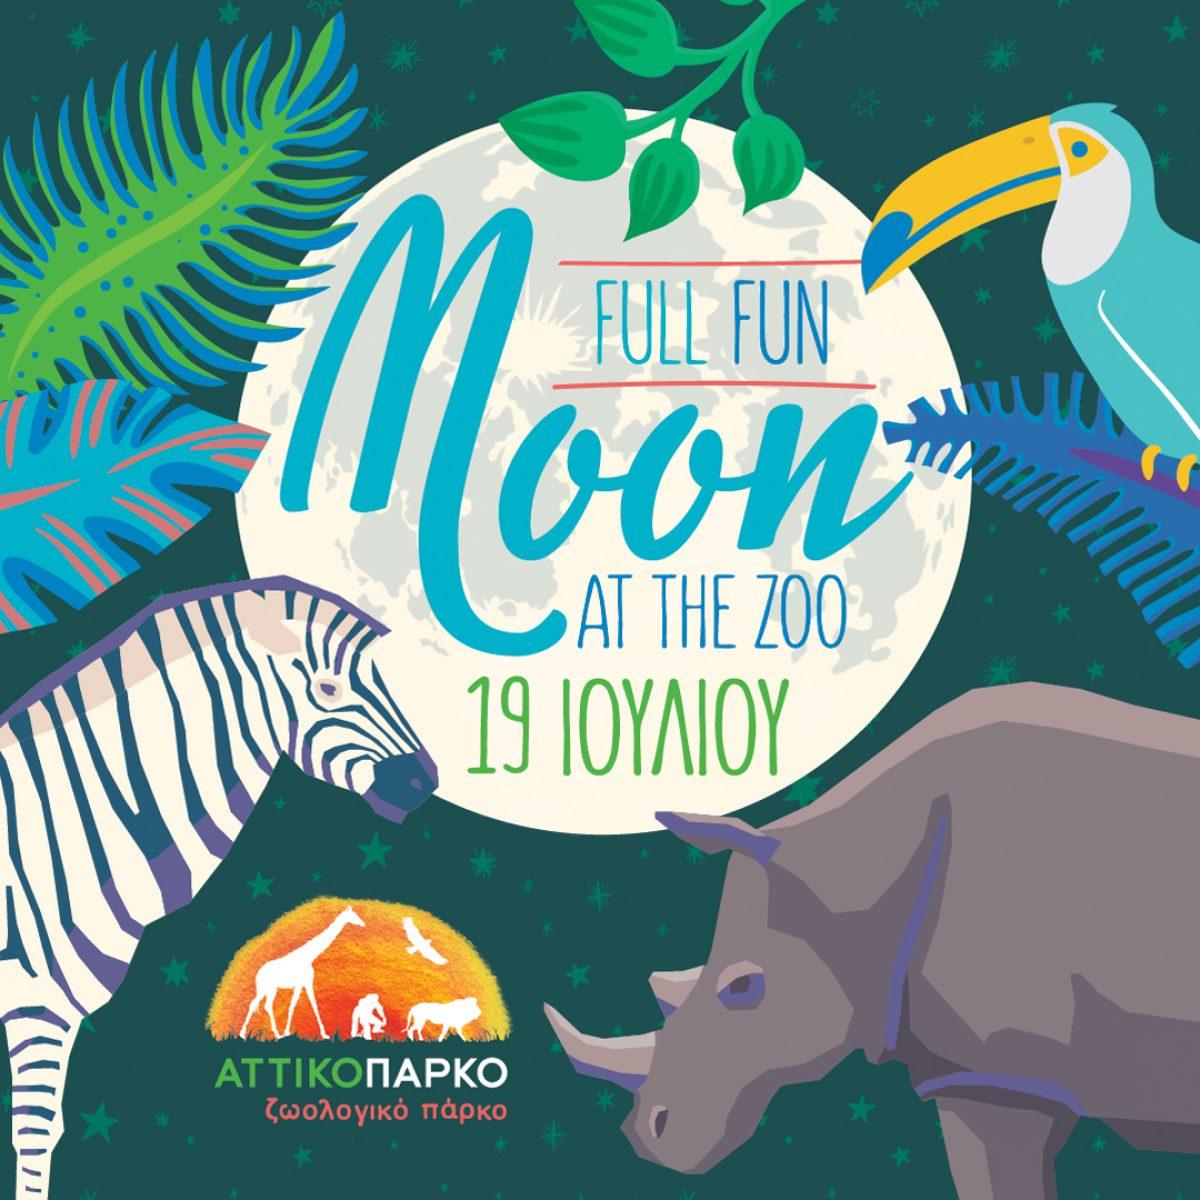 Πανσέληνος Ιουλίου στο Αττικό Ζωολογικό Πάρκο!